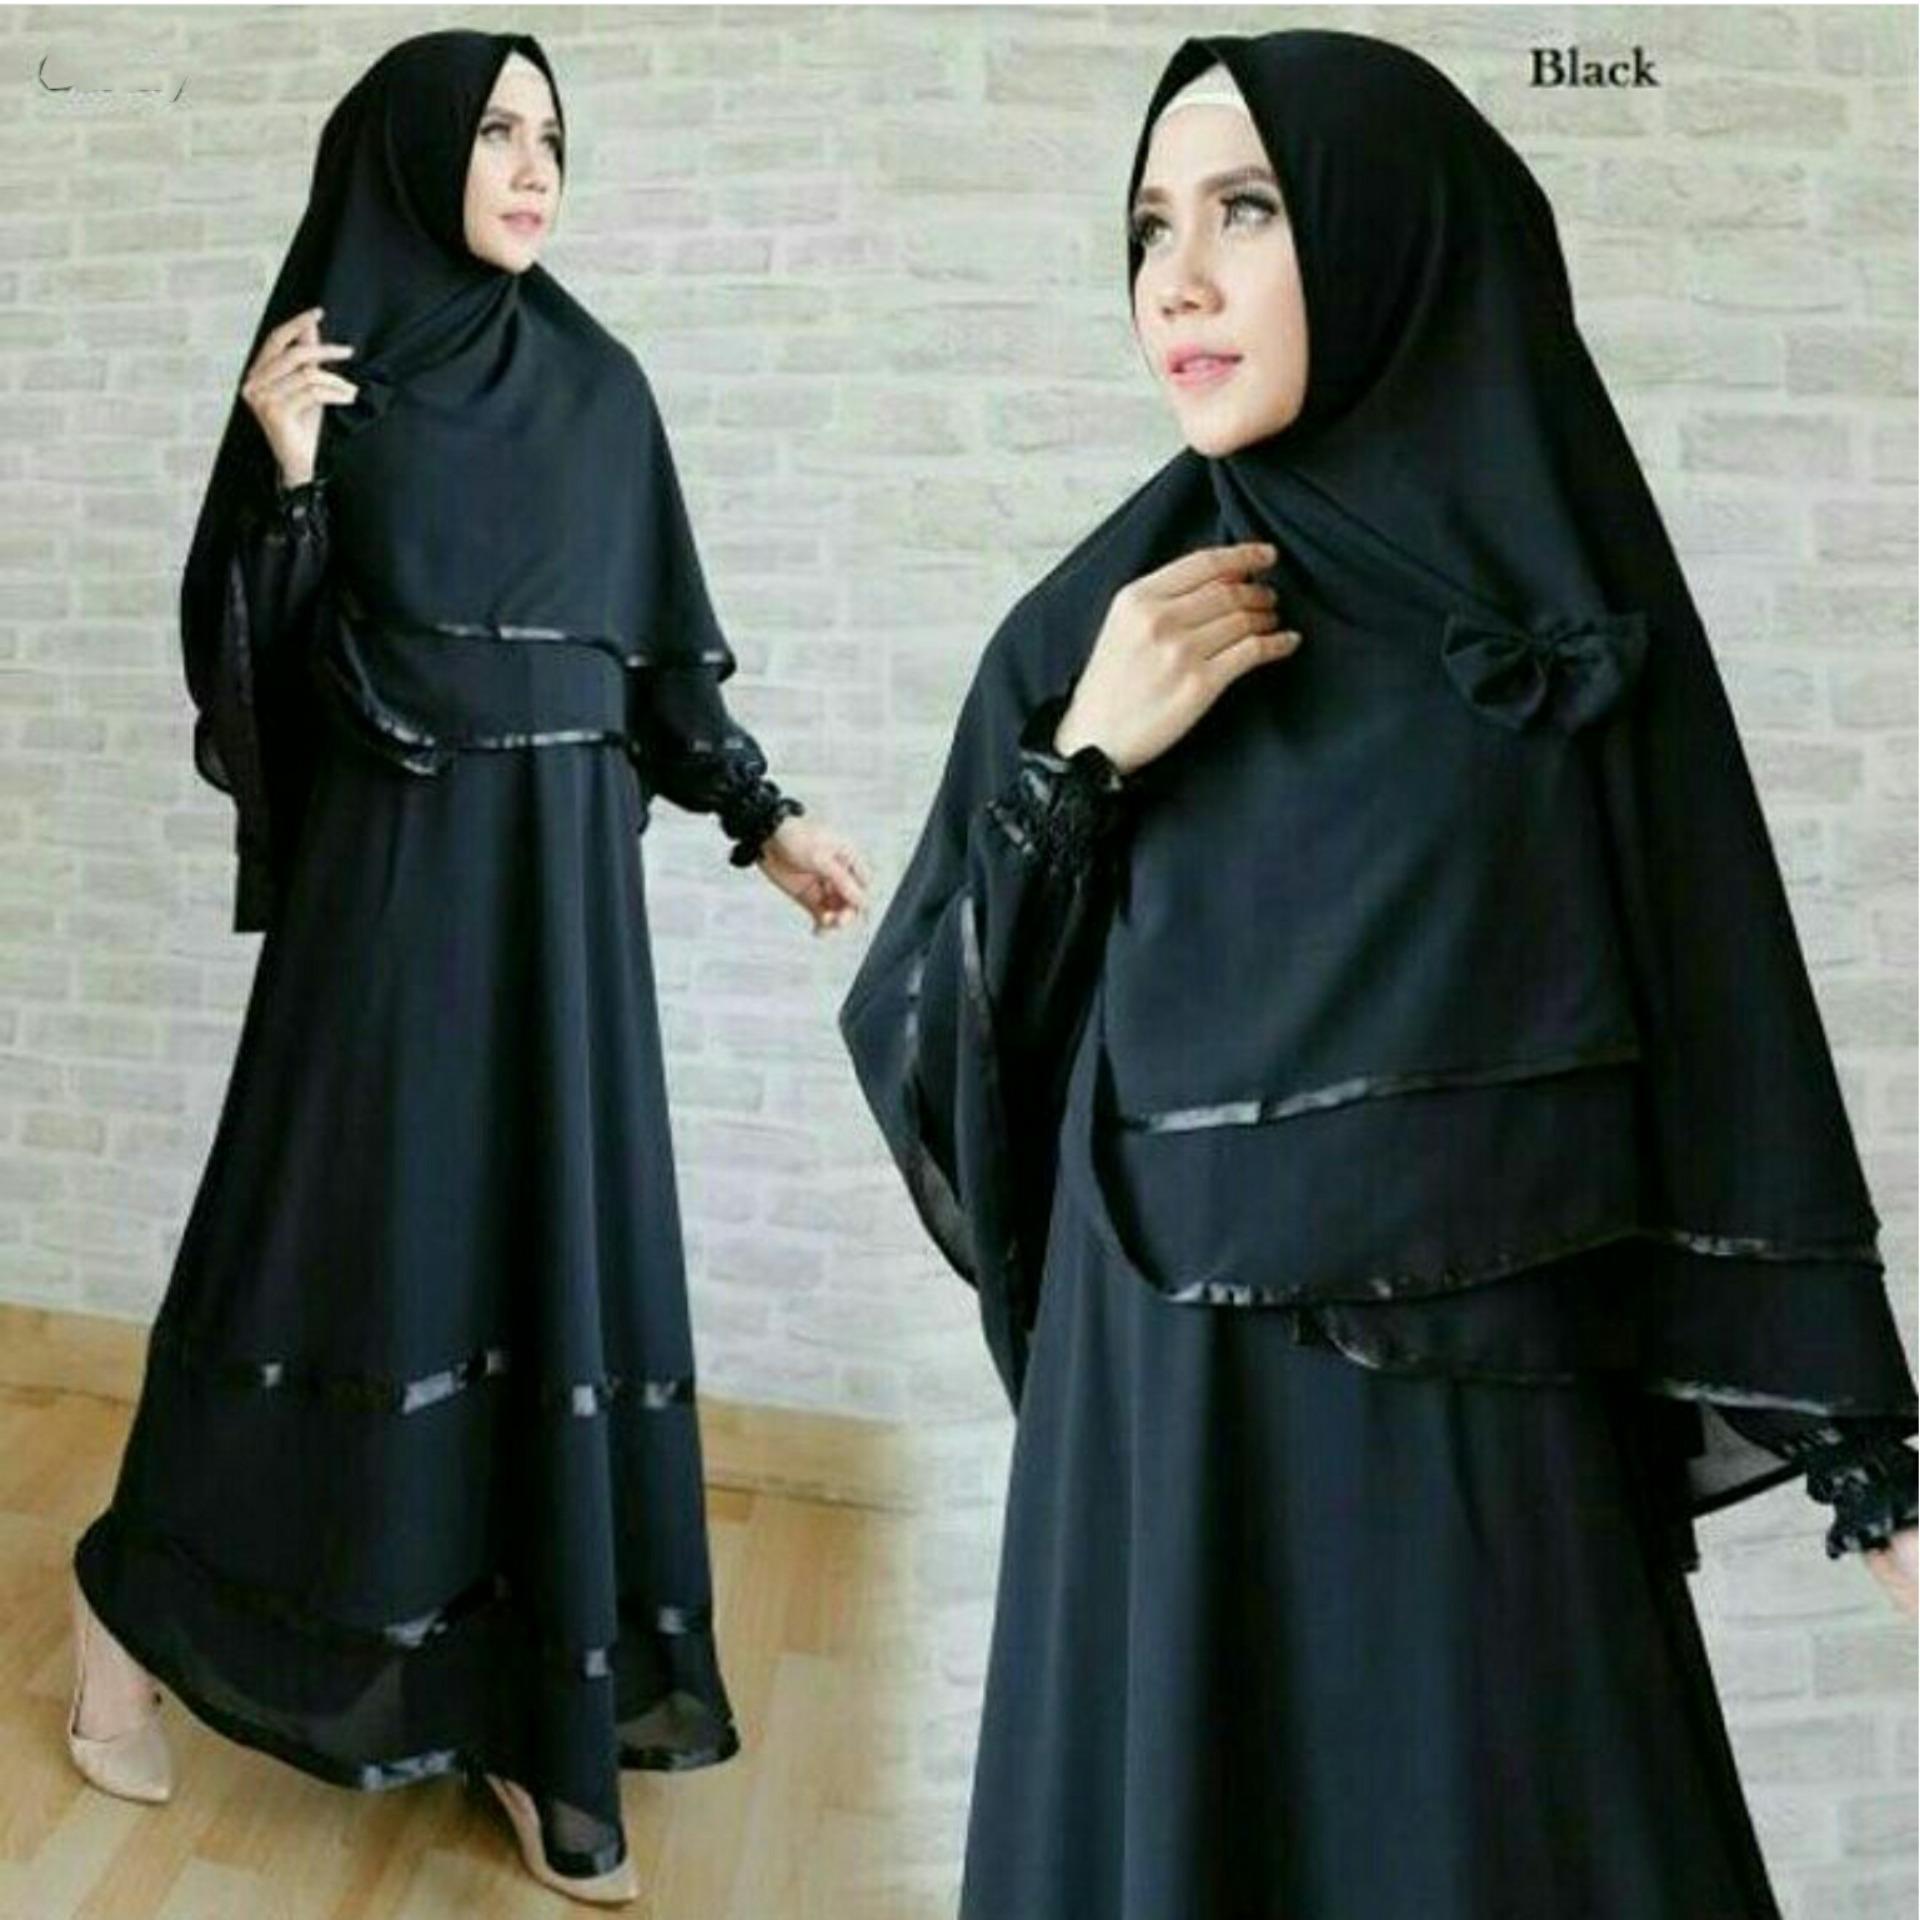 9 Shop Baju Gamis Maxi Dress Busui Syari Syari'i Wanita Muslimah ANGGHUN HITAM ( Gratis Jilbab ) / Gaun Maxy Lengan Panjang Wanita Muslim Dewasa Remaja / Pakaian Hijab Modern Terbaru / Bisa COD Bayar Di Tempat